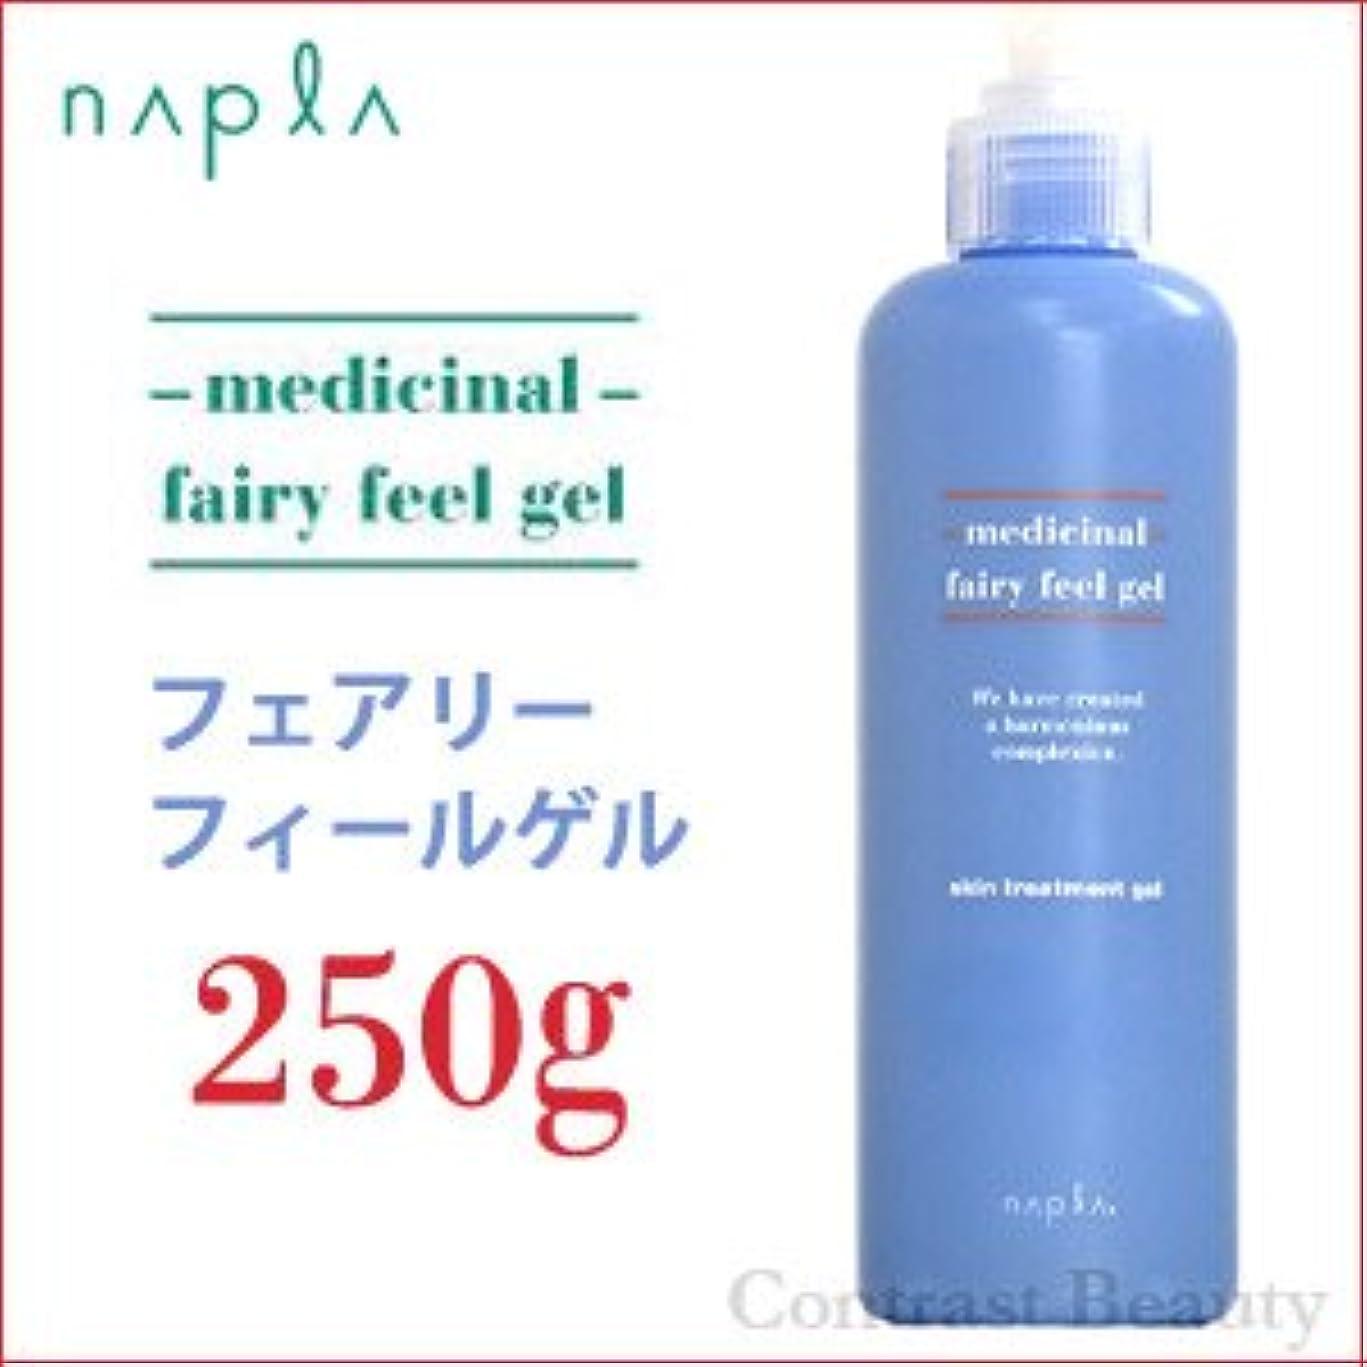 ベックスガードへこみ【X5個セット】 ナプラ 薬用フェアリーフィールゲル 250g